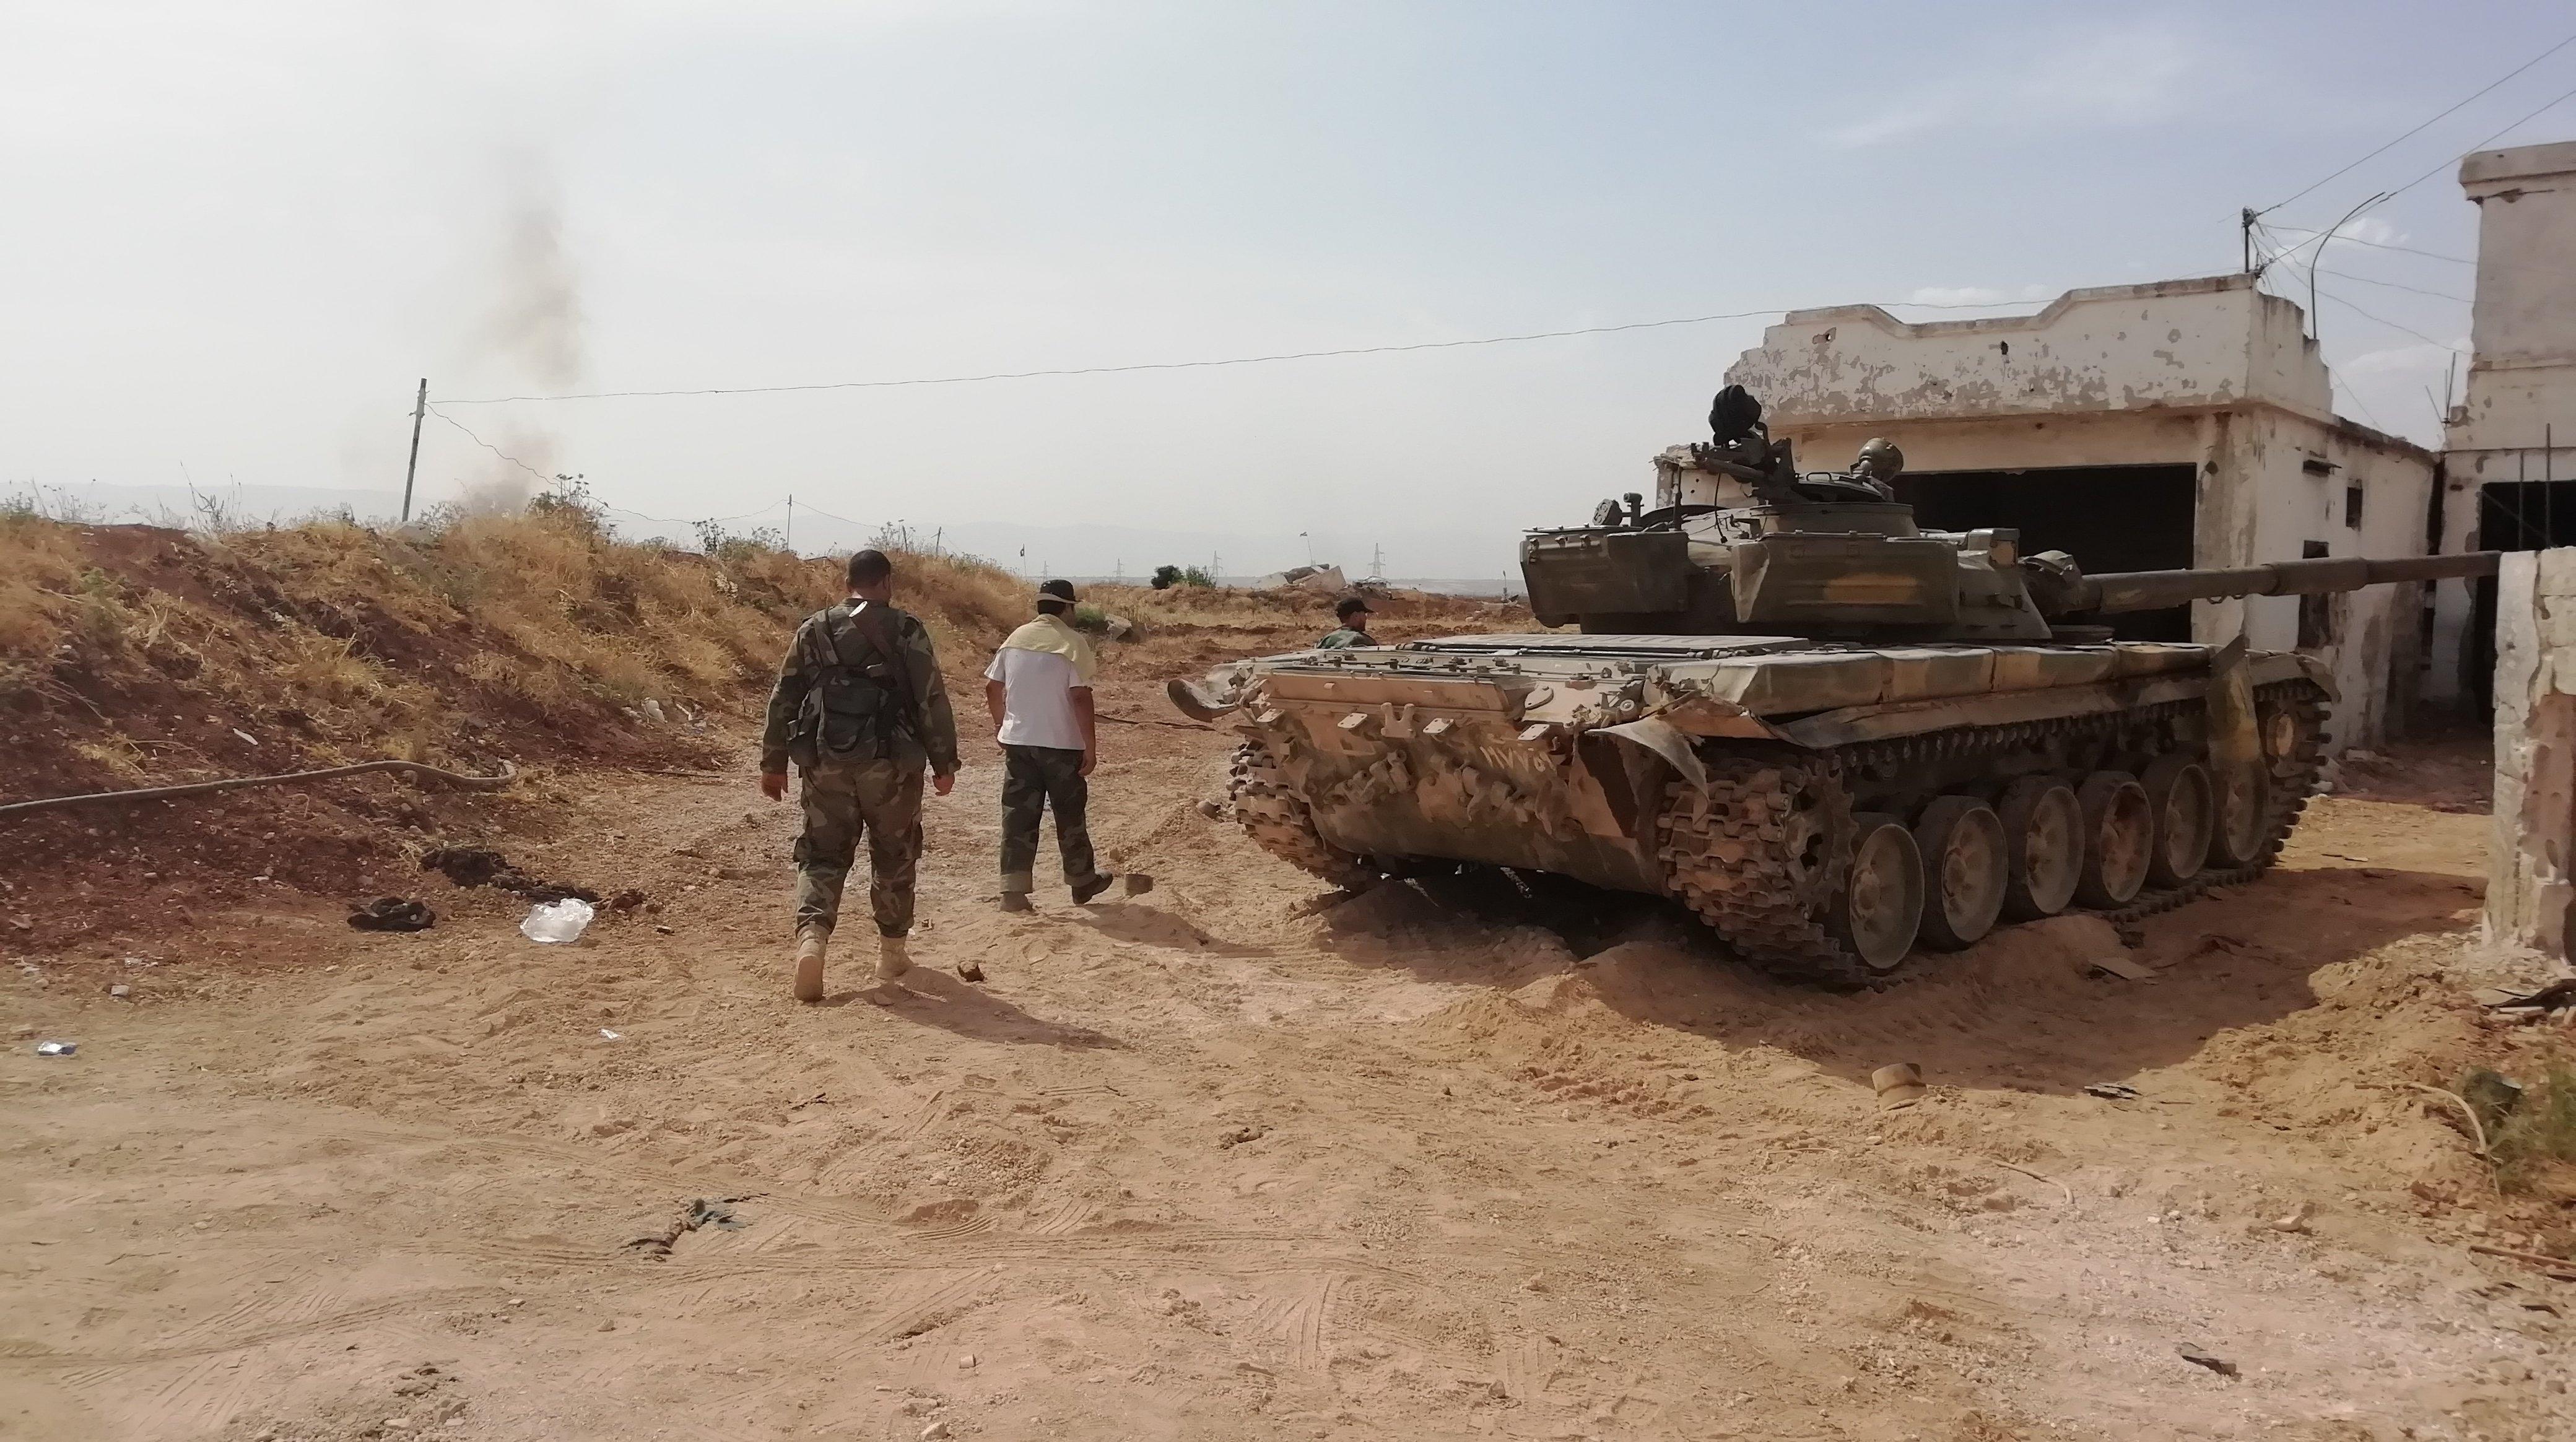 تعزيزات عسكرية للجيش السوري تصل إلى ريف حماة الشمالي